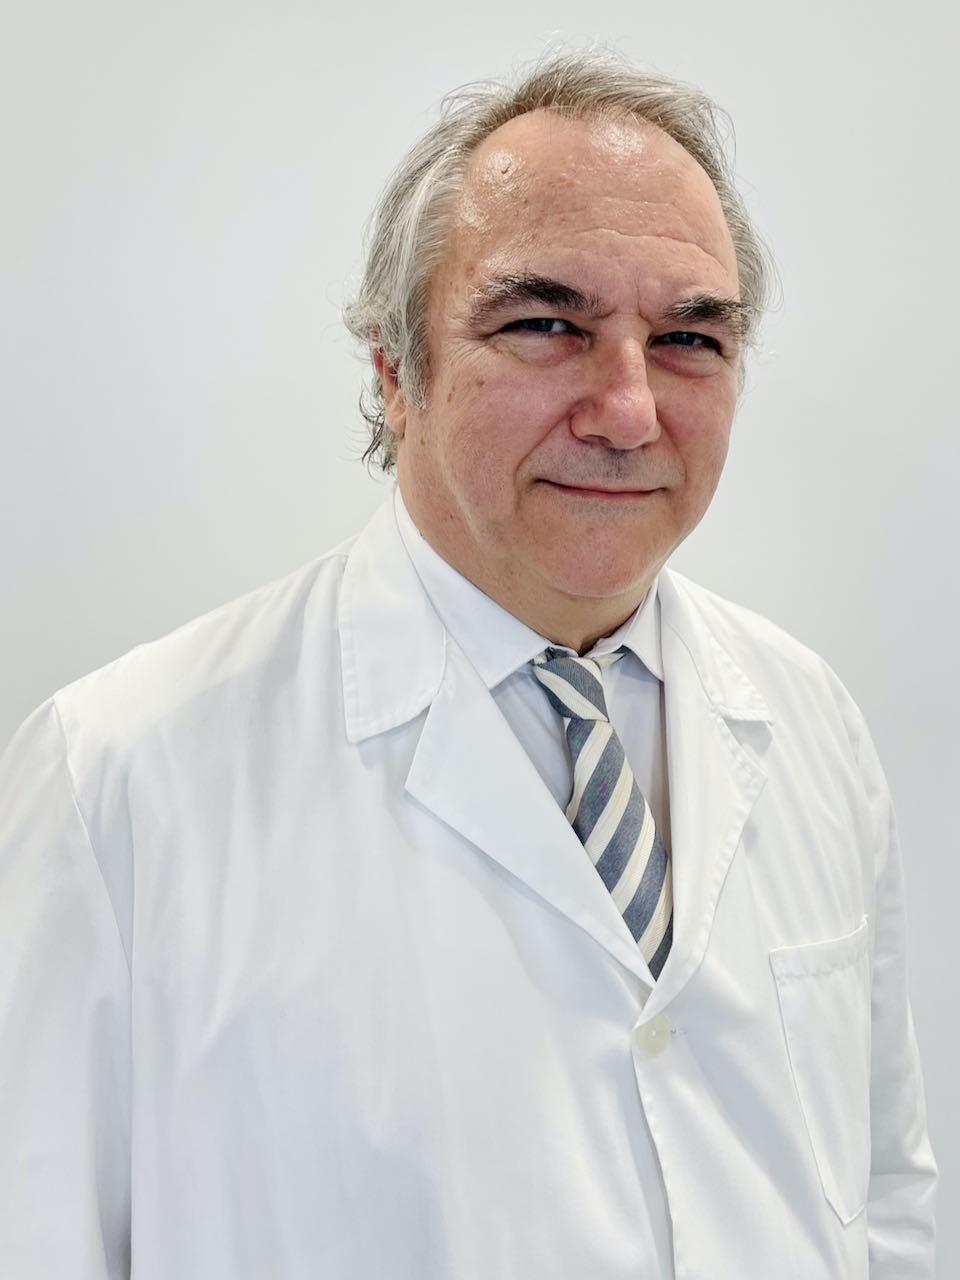 Dr. Juan Carlos Salarich Pedemonte